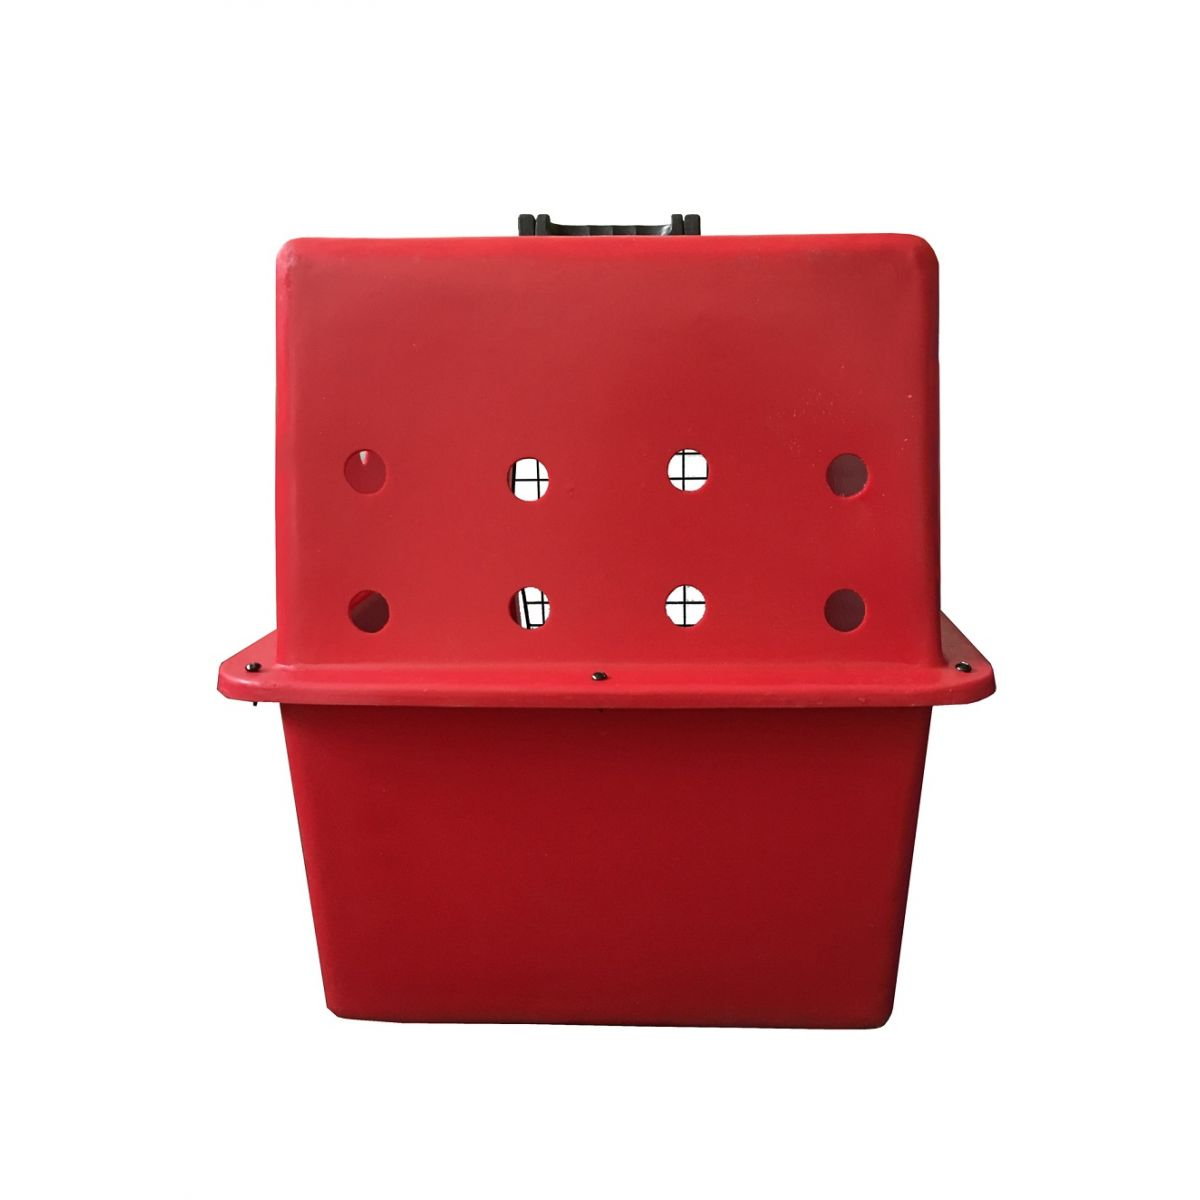 Caixa de Transporte Mod.300 - Intermediário